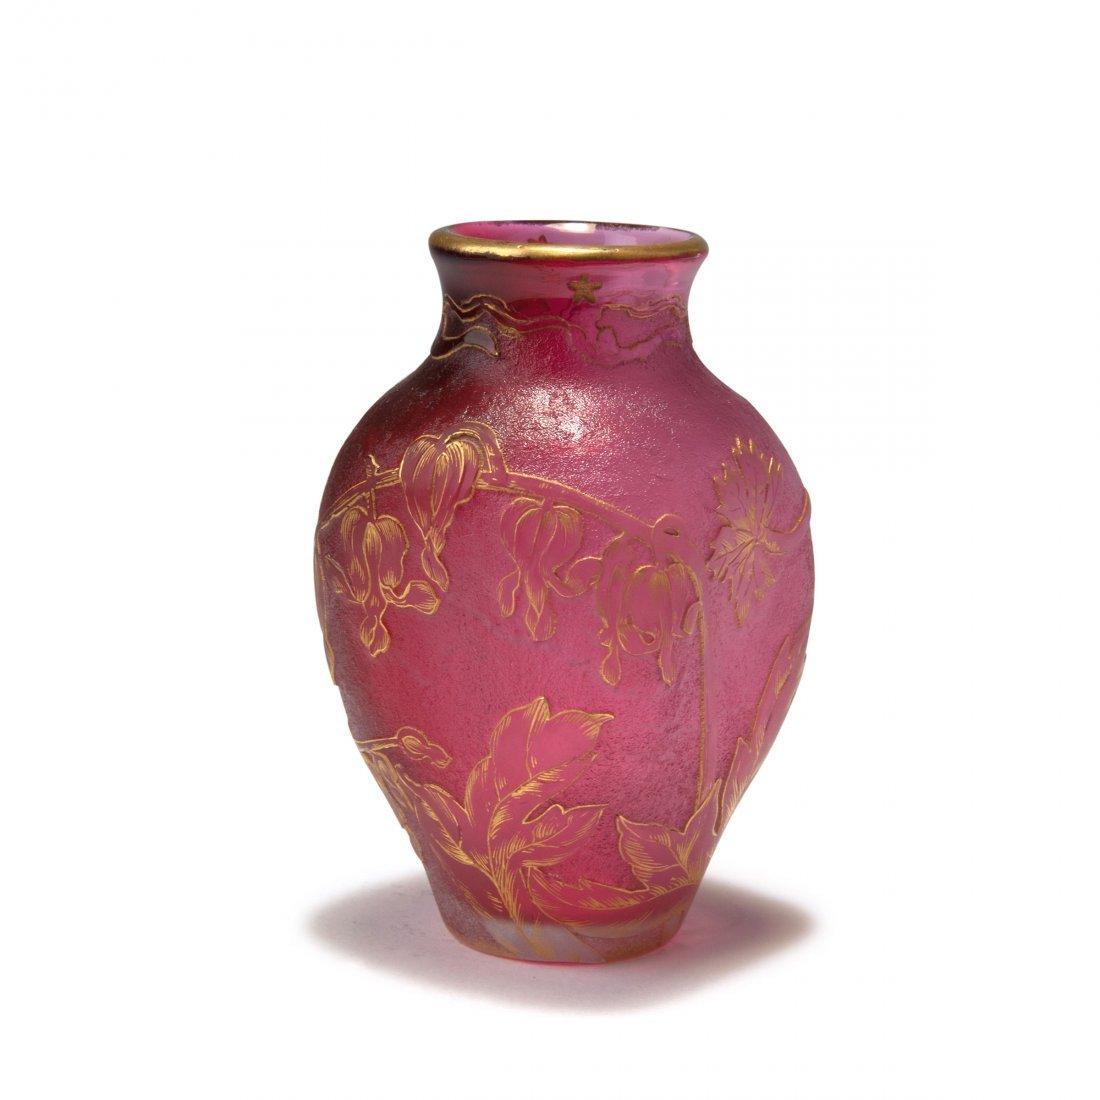 'Coeur de Jeanette' vase, c1895